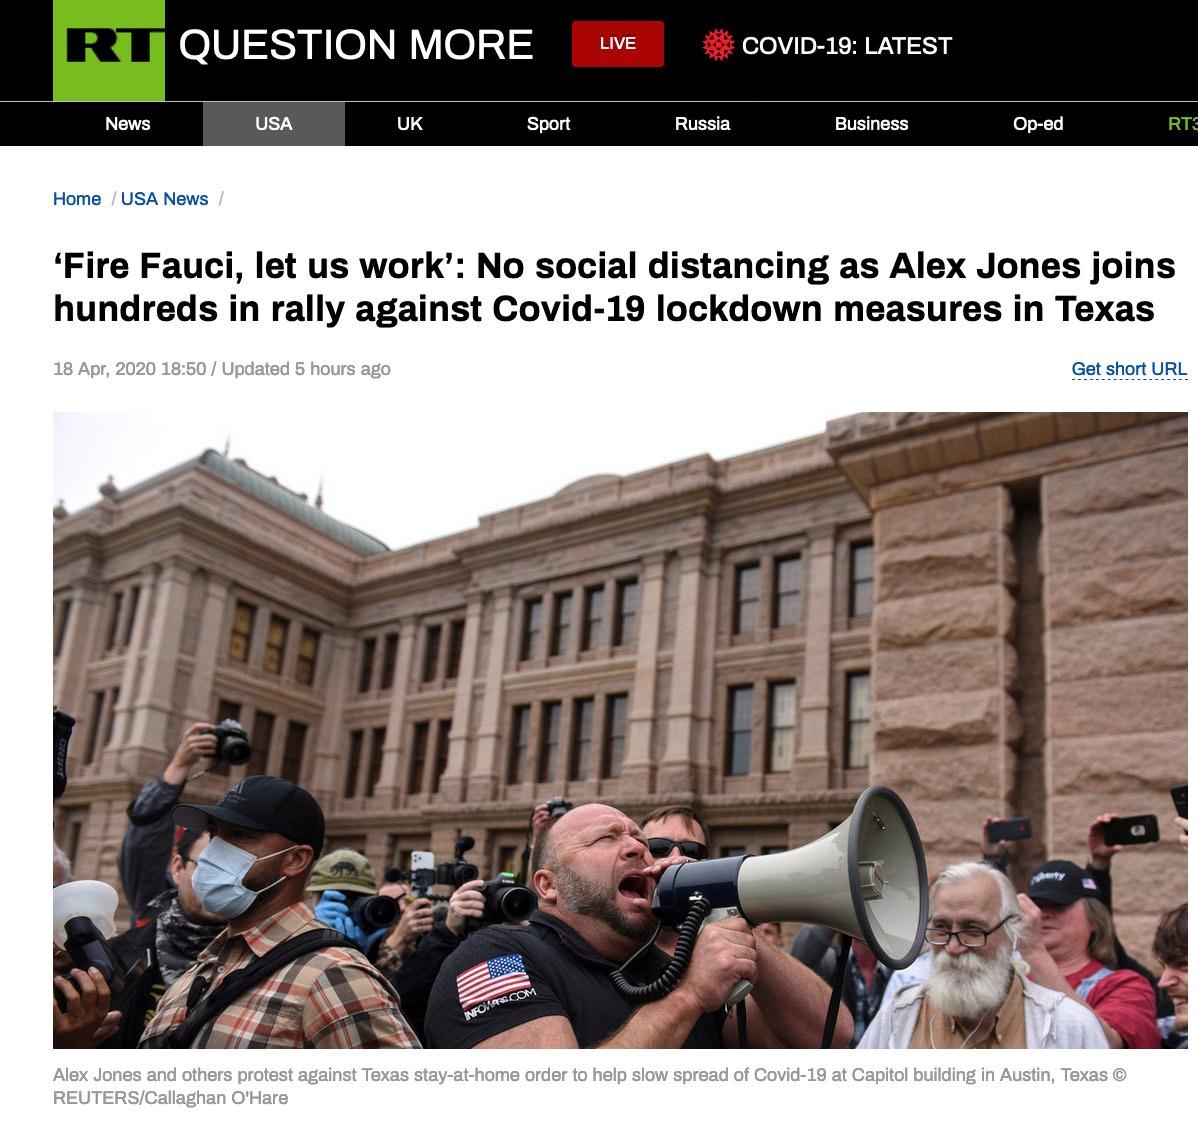 """美国得克萨斯州上演抗议活动:""""炒掉福奇""""、""""让我们去工作"""""""